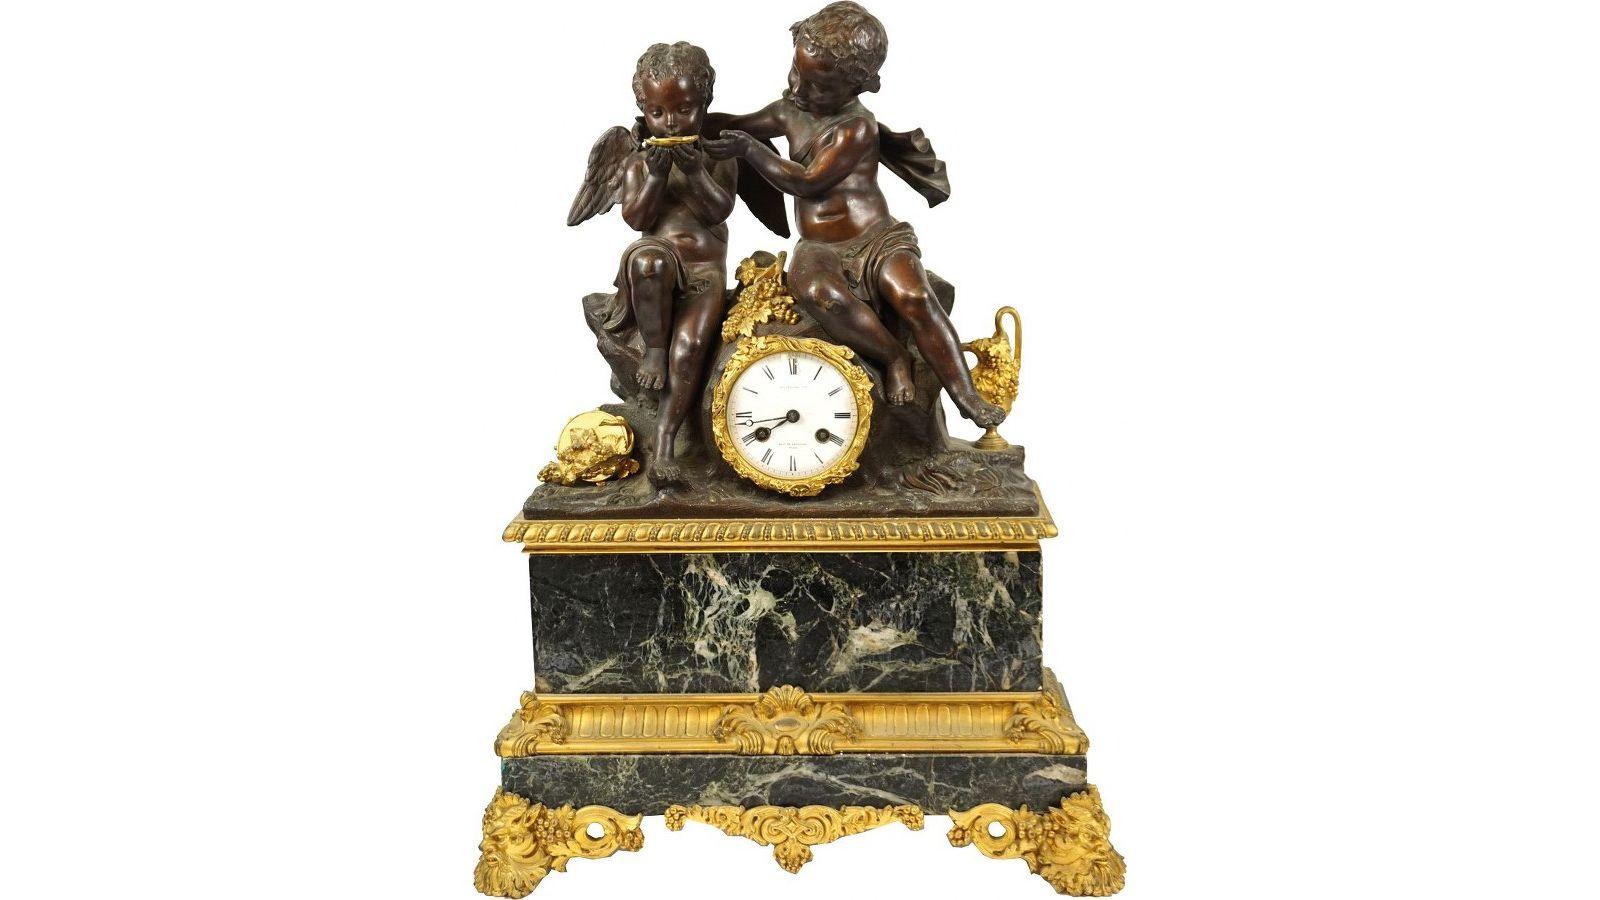 Pendule aux Putti, en marbre veiné et bronze à double patine dorée et brune nuancée.